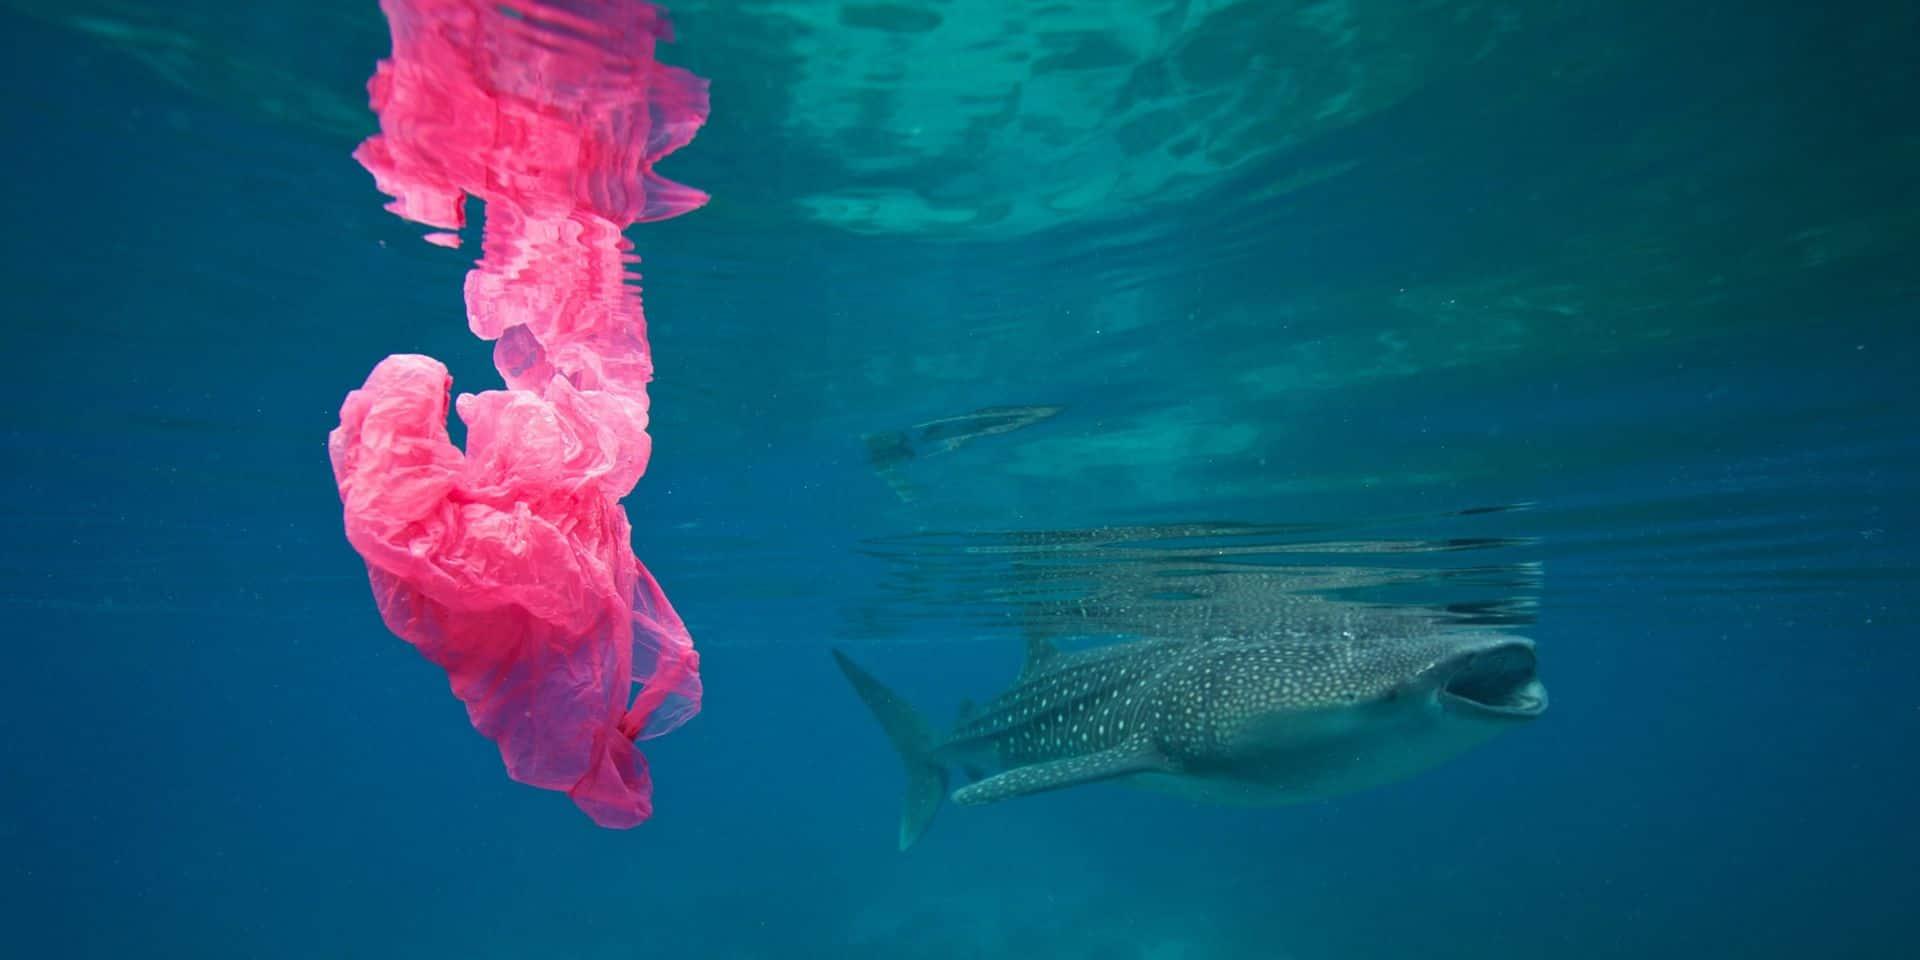 Dévastés par le dérèglement climatique et l'action des hommes, les océans s'apprêtent à déchaîner leur puissance sur l'humanité